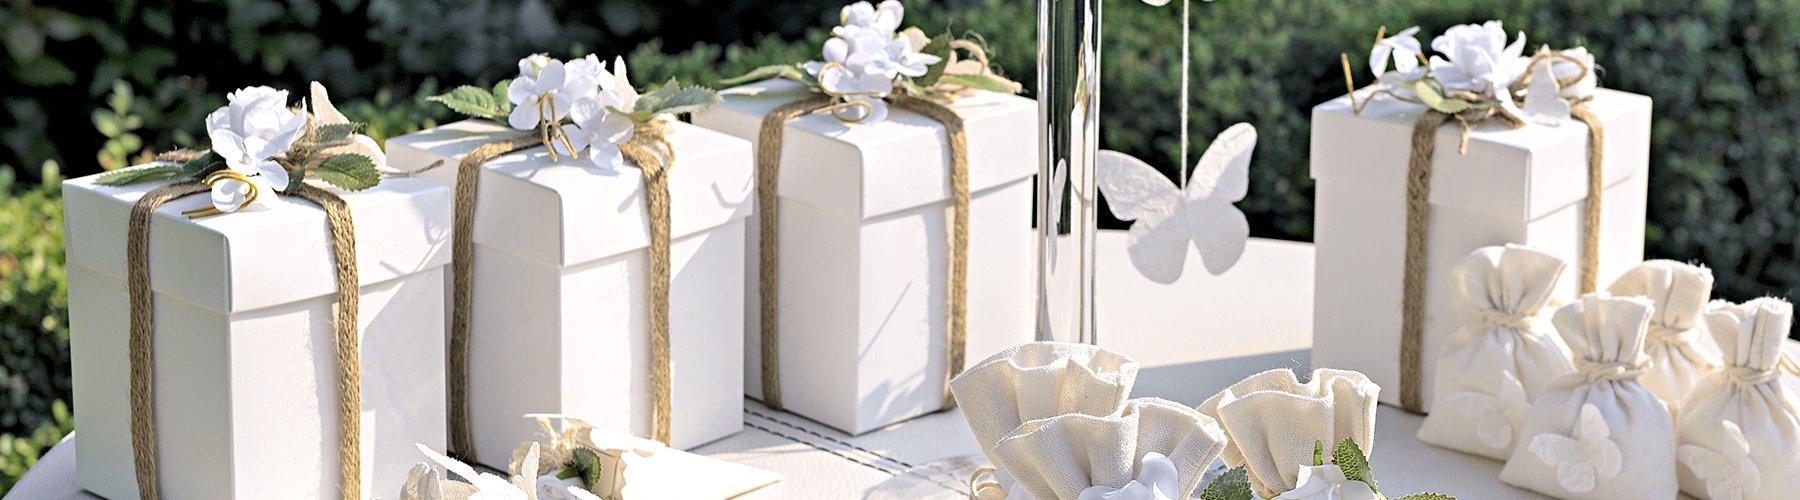 scatole bianche